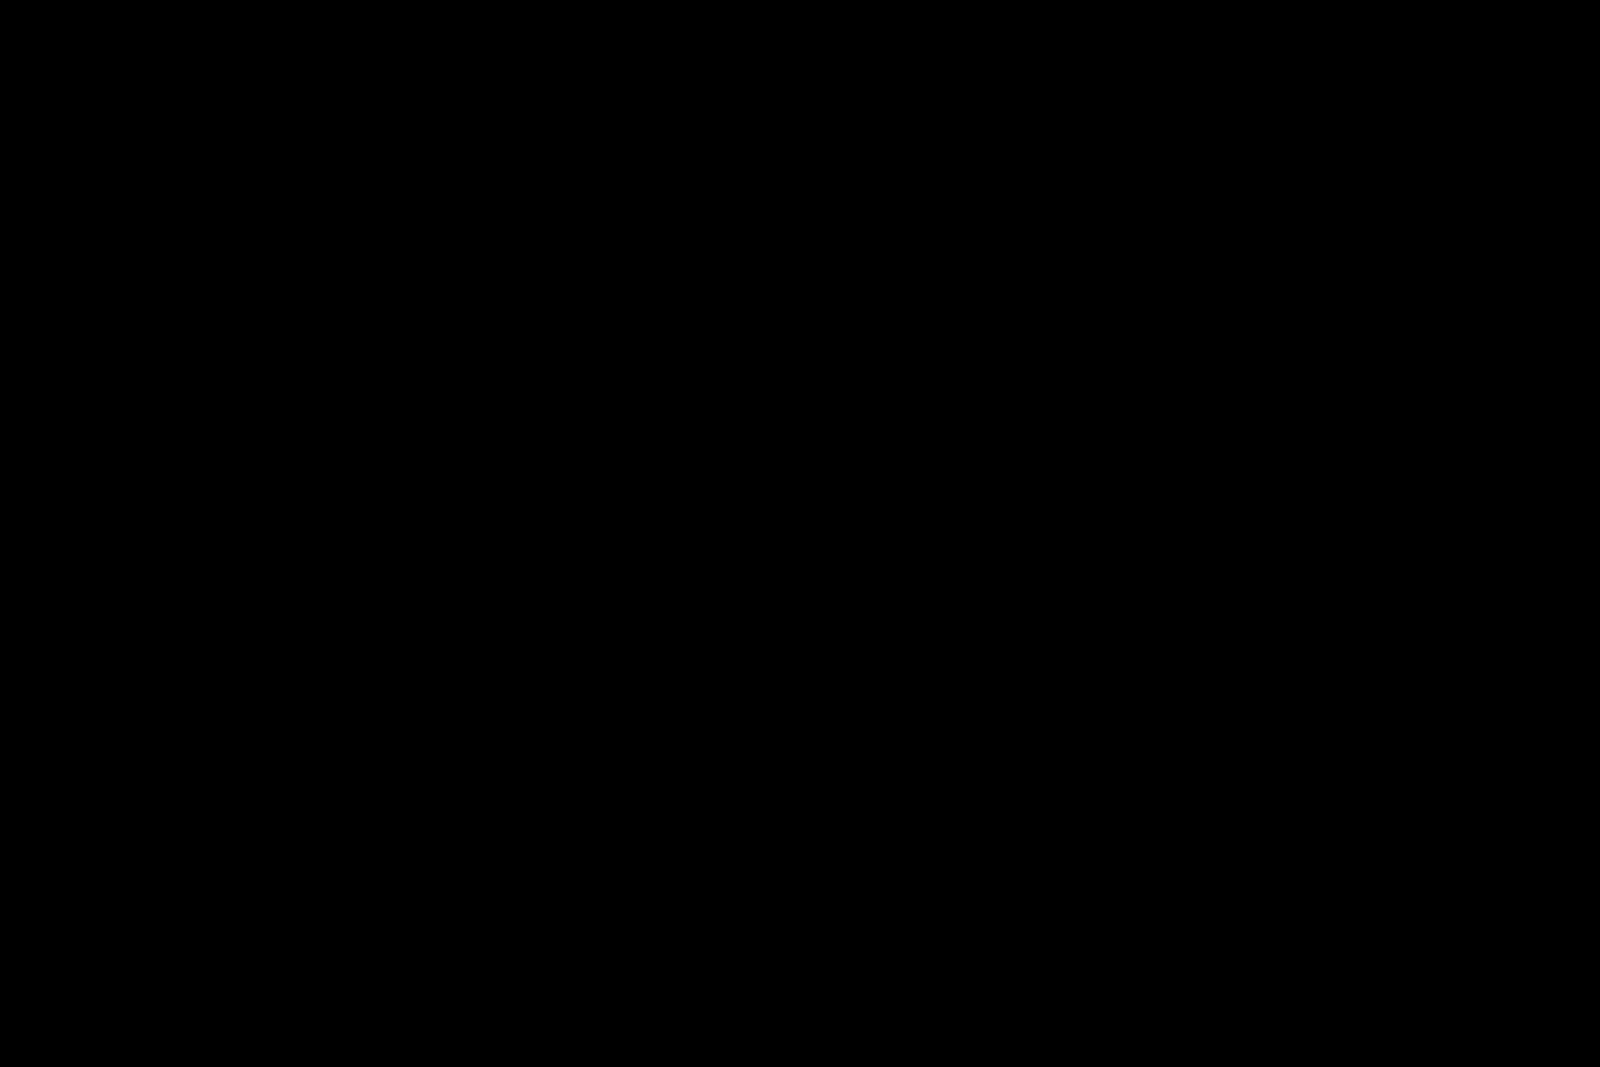 000_0061.JPG